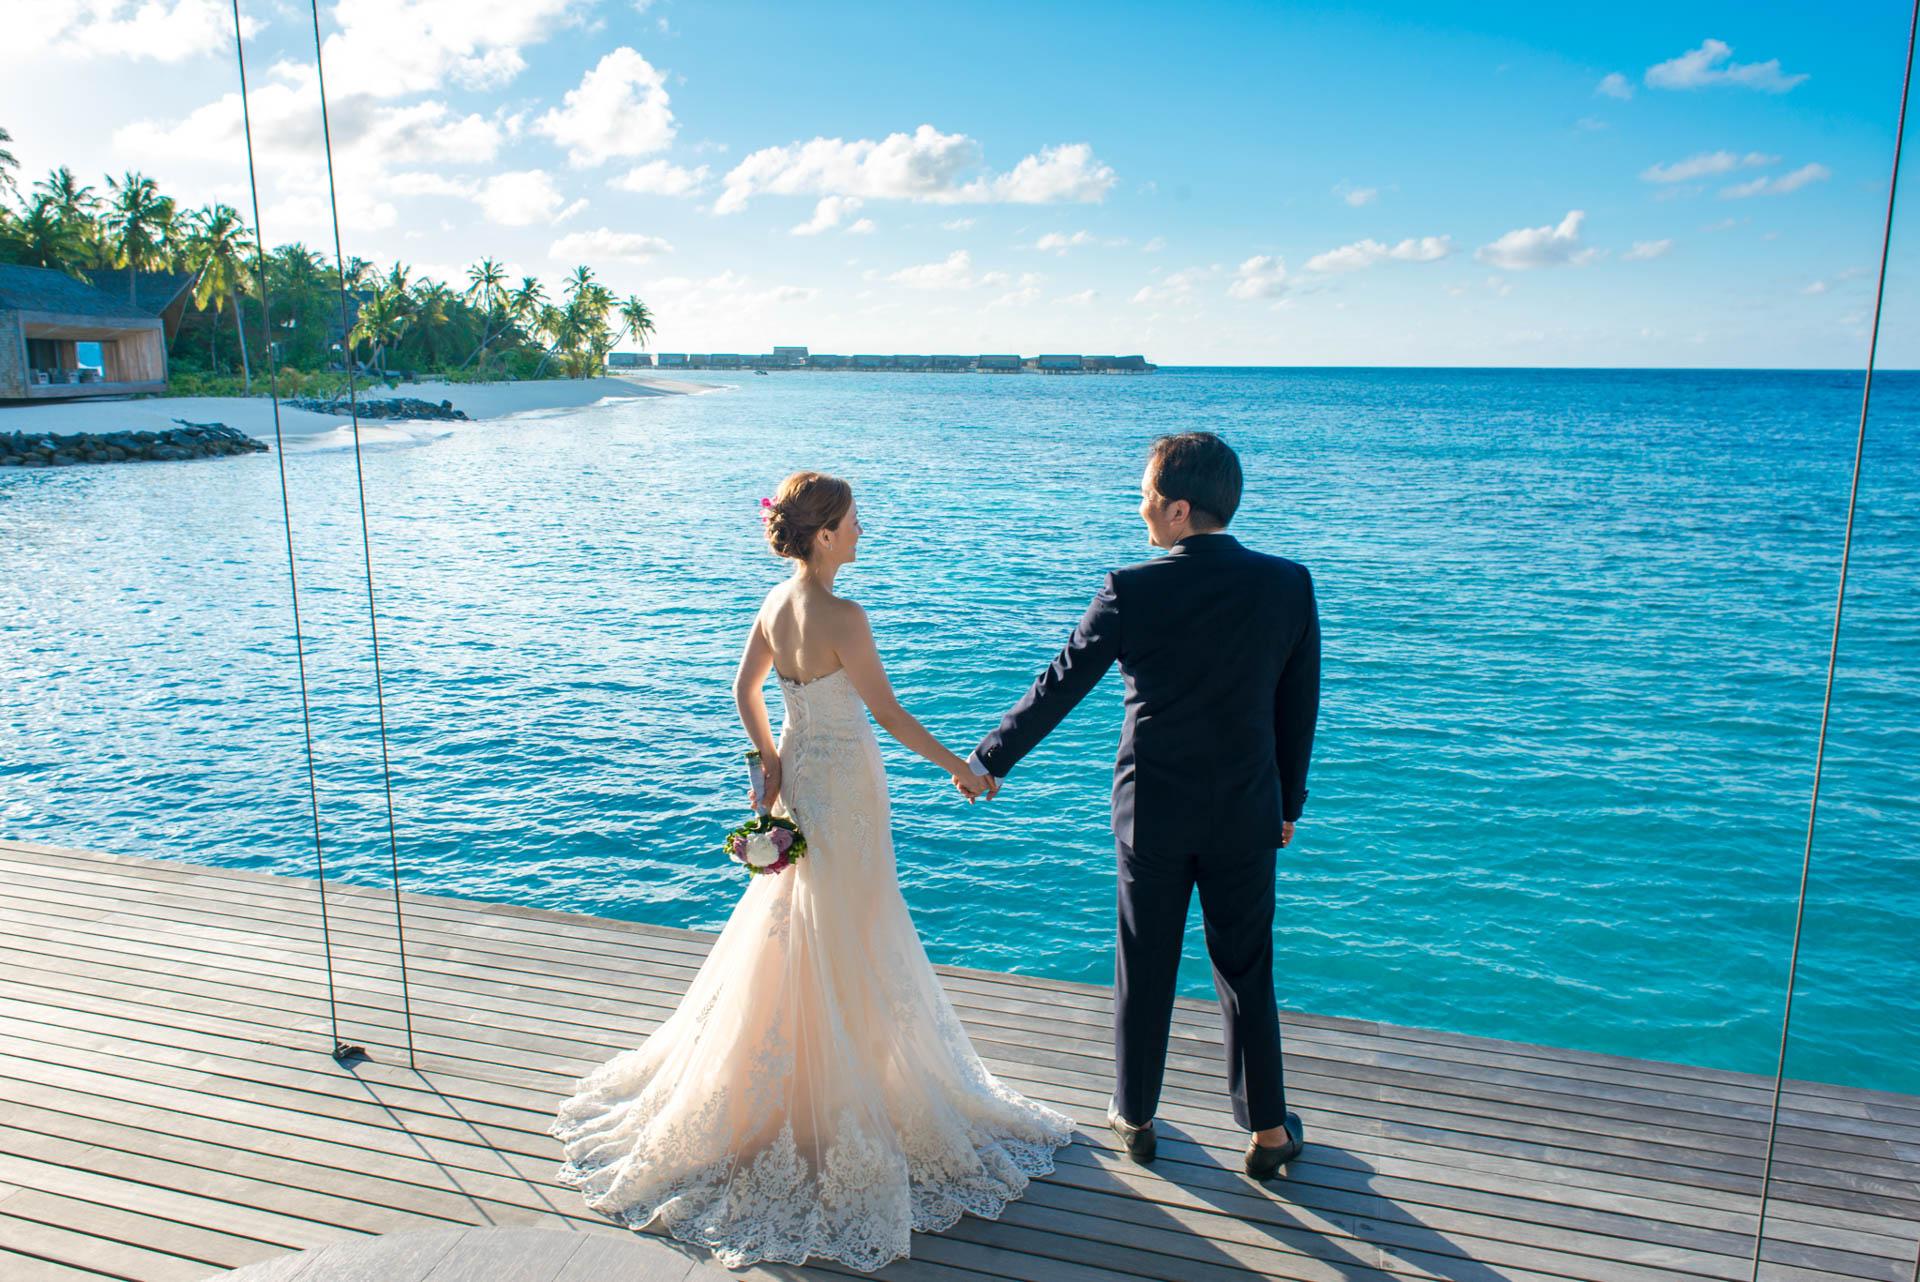 Kang Kim Sand Bank Wedding at St Regis Vommuly Maldives 13